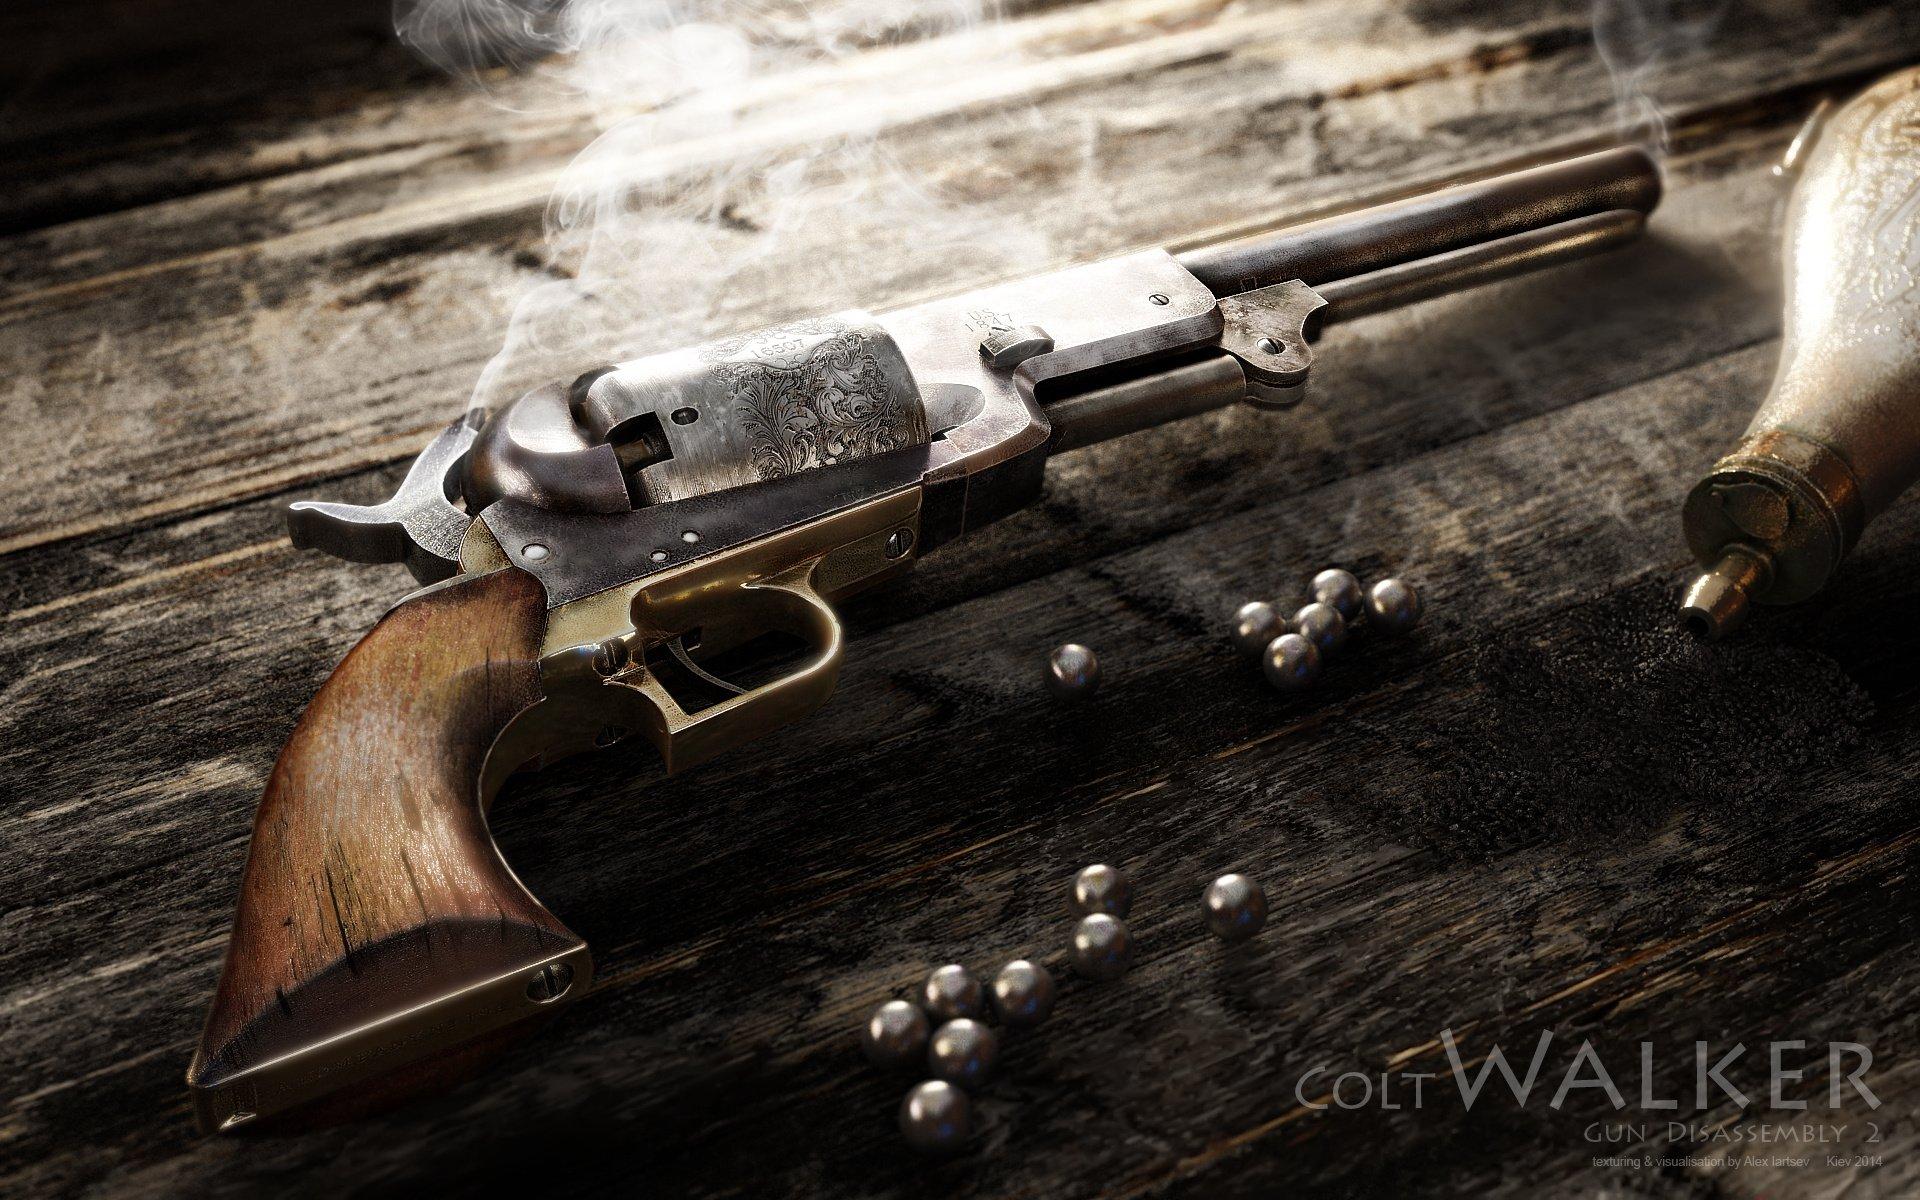 Colt walker weapon pistol western wallpaper 1920x1200 417112 1920x1200